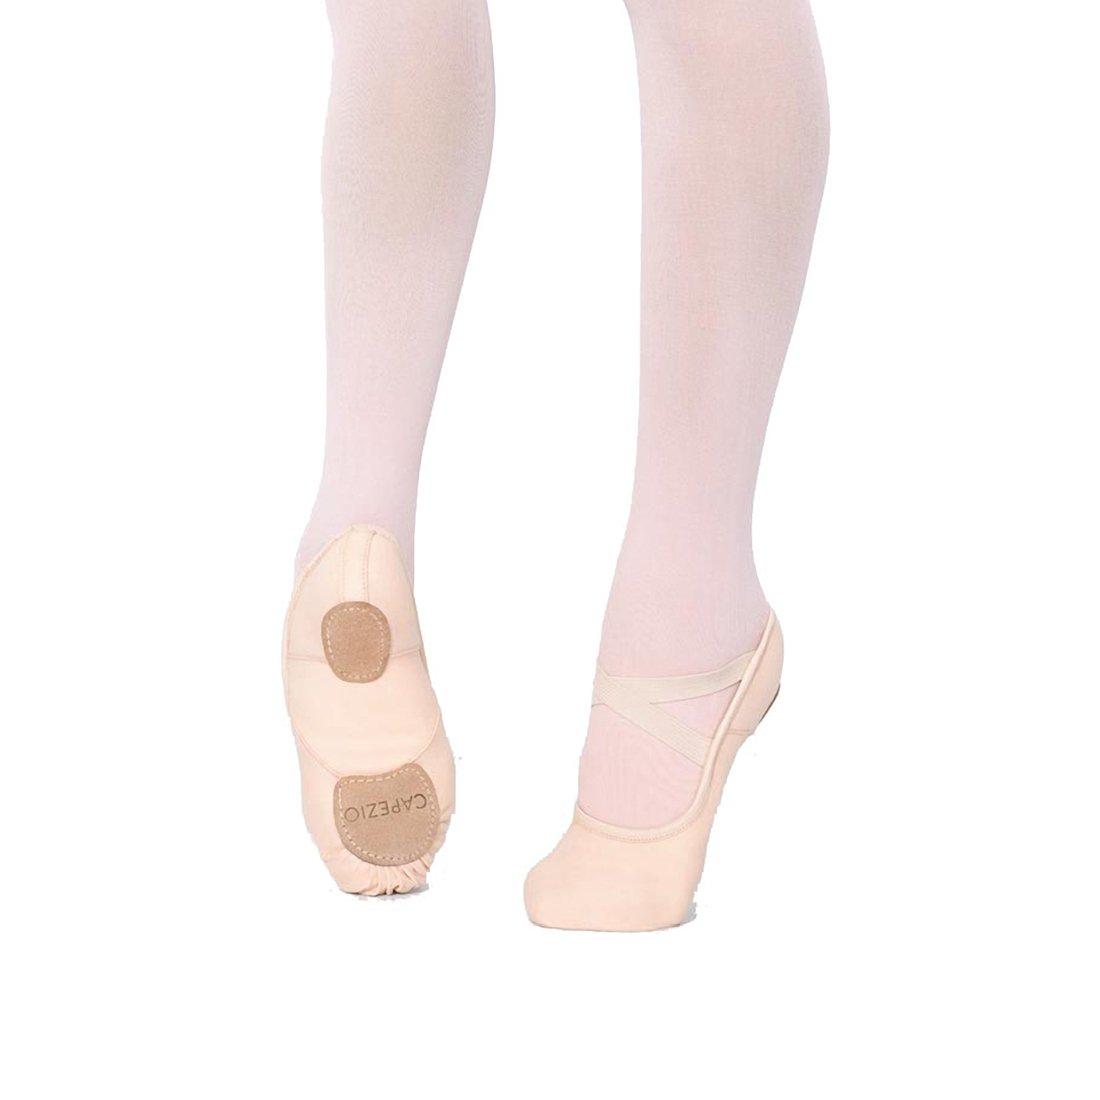 Capezio Hanami Dance Shoe, Mocha, 10 M US by Capezio